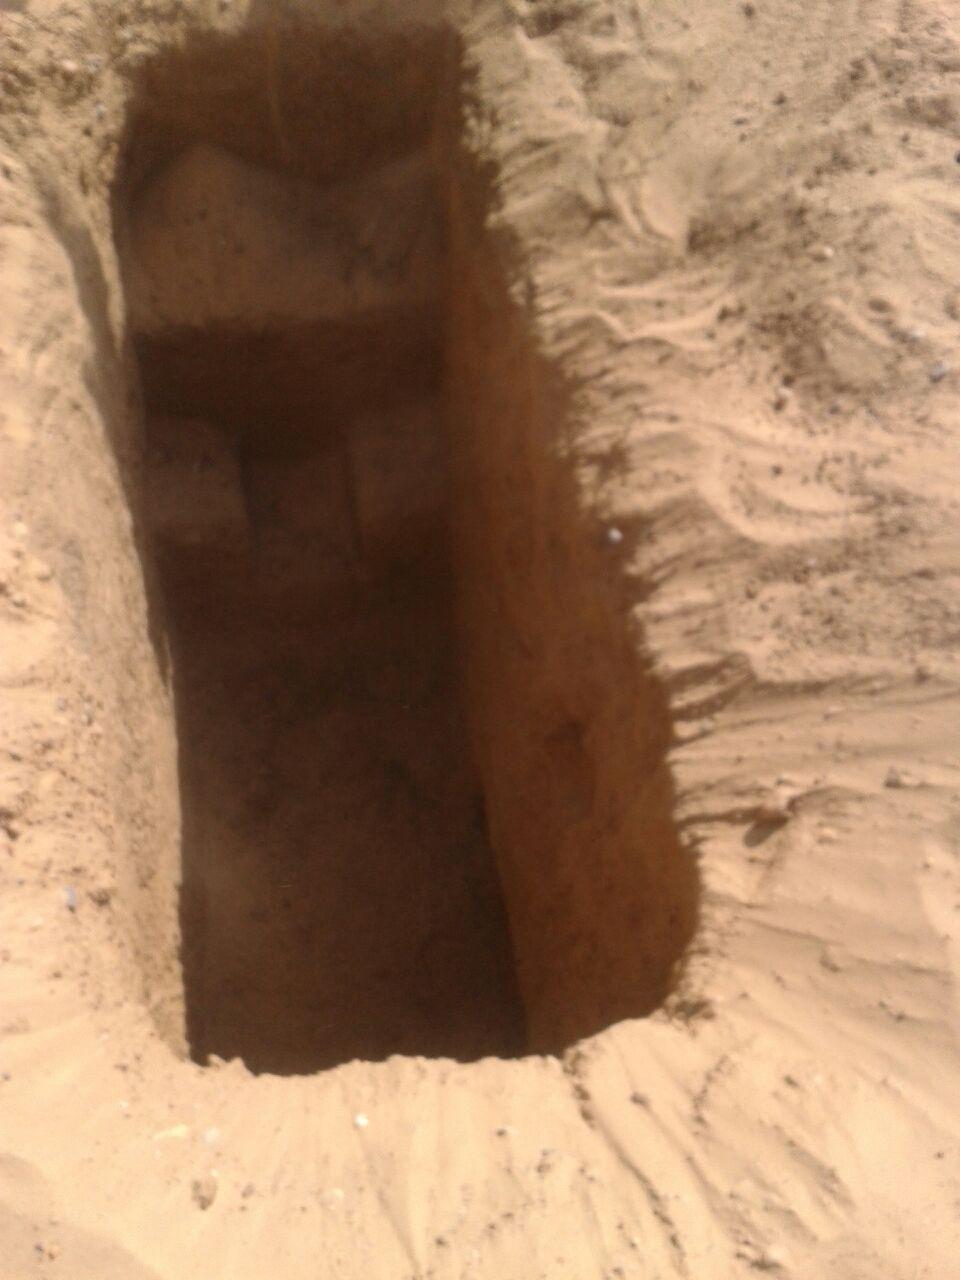 اكتشاف الآبار بمنطة أبو صير (1)